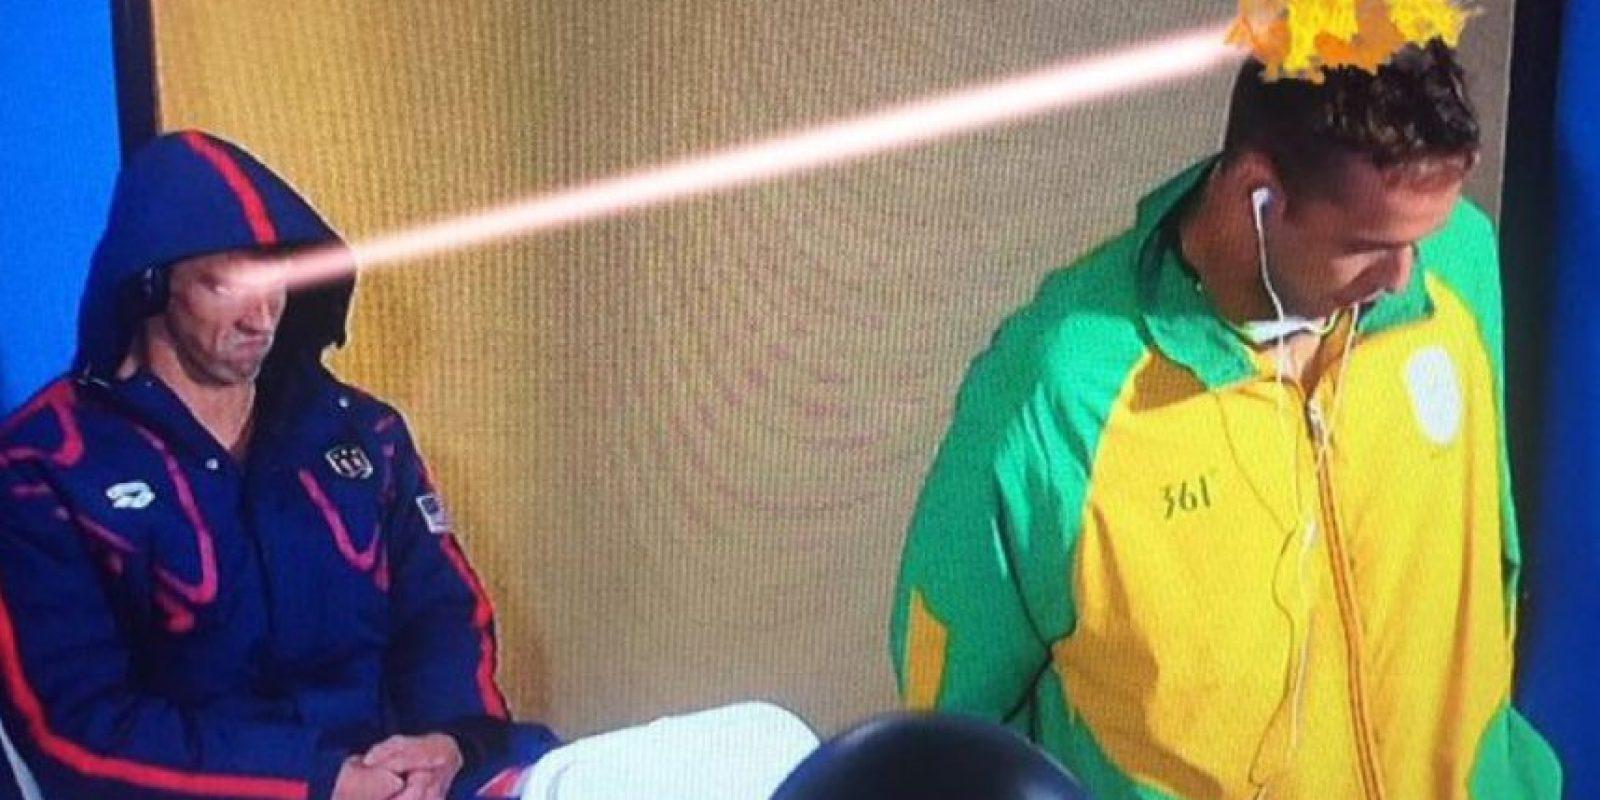 Los mejores memes por la cara de enfado de Michael Phelps Foto:Twitter. Imagen Por: